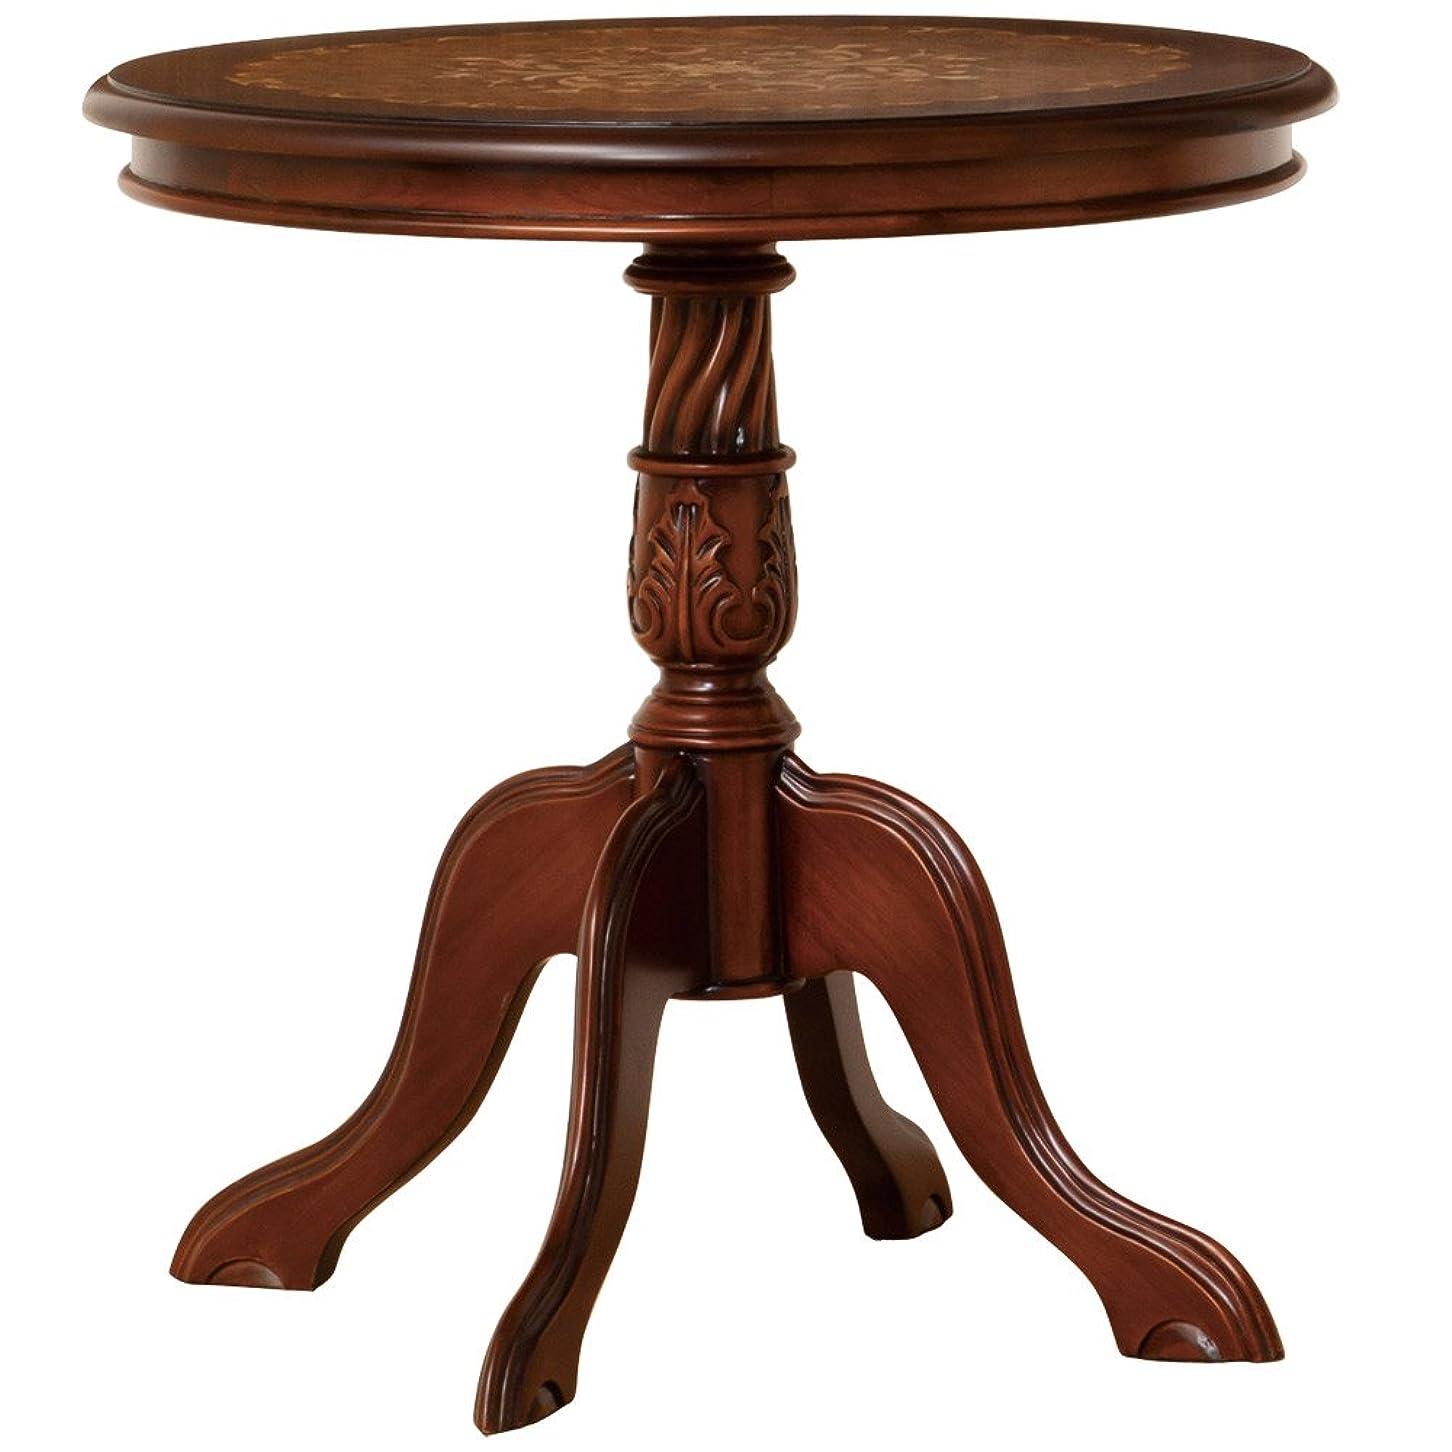 論理弱点ミネラルマルシェ テーブル 28566